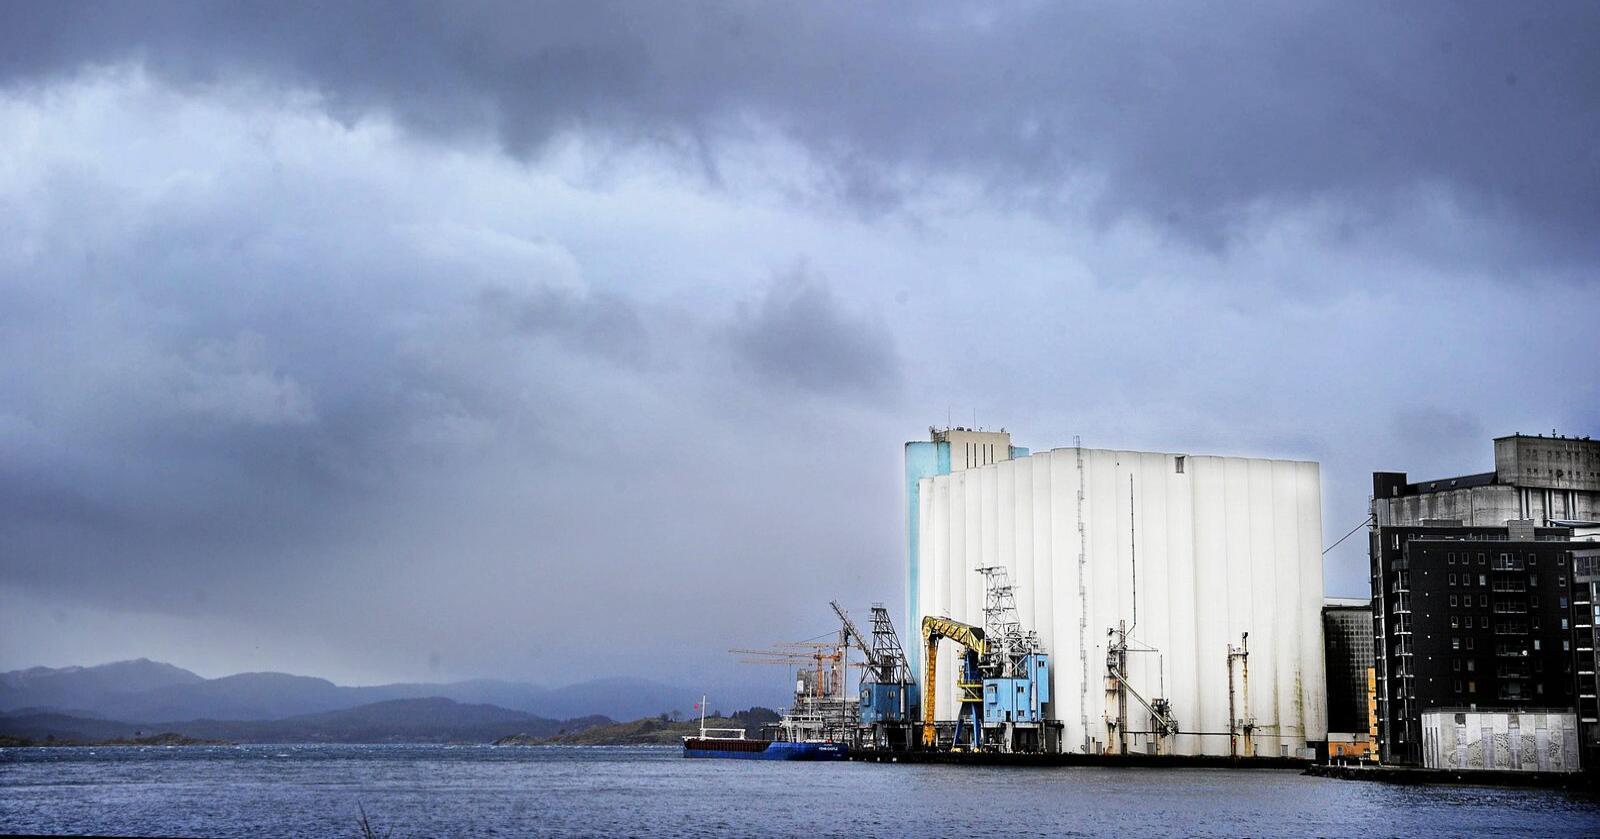 Havnesiloen i Stavanger har blitt symbolet på beredskapslagring av korn i Norge. Foto: Siri Juell Rasmussen